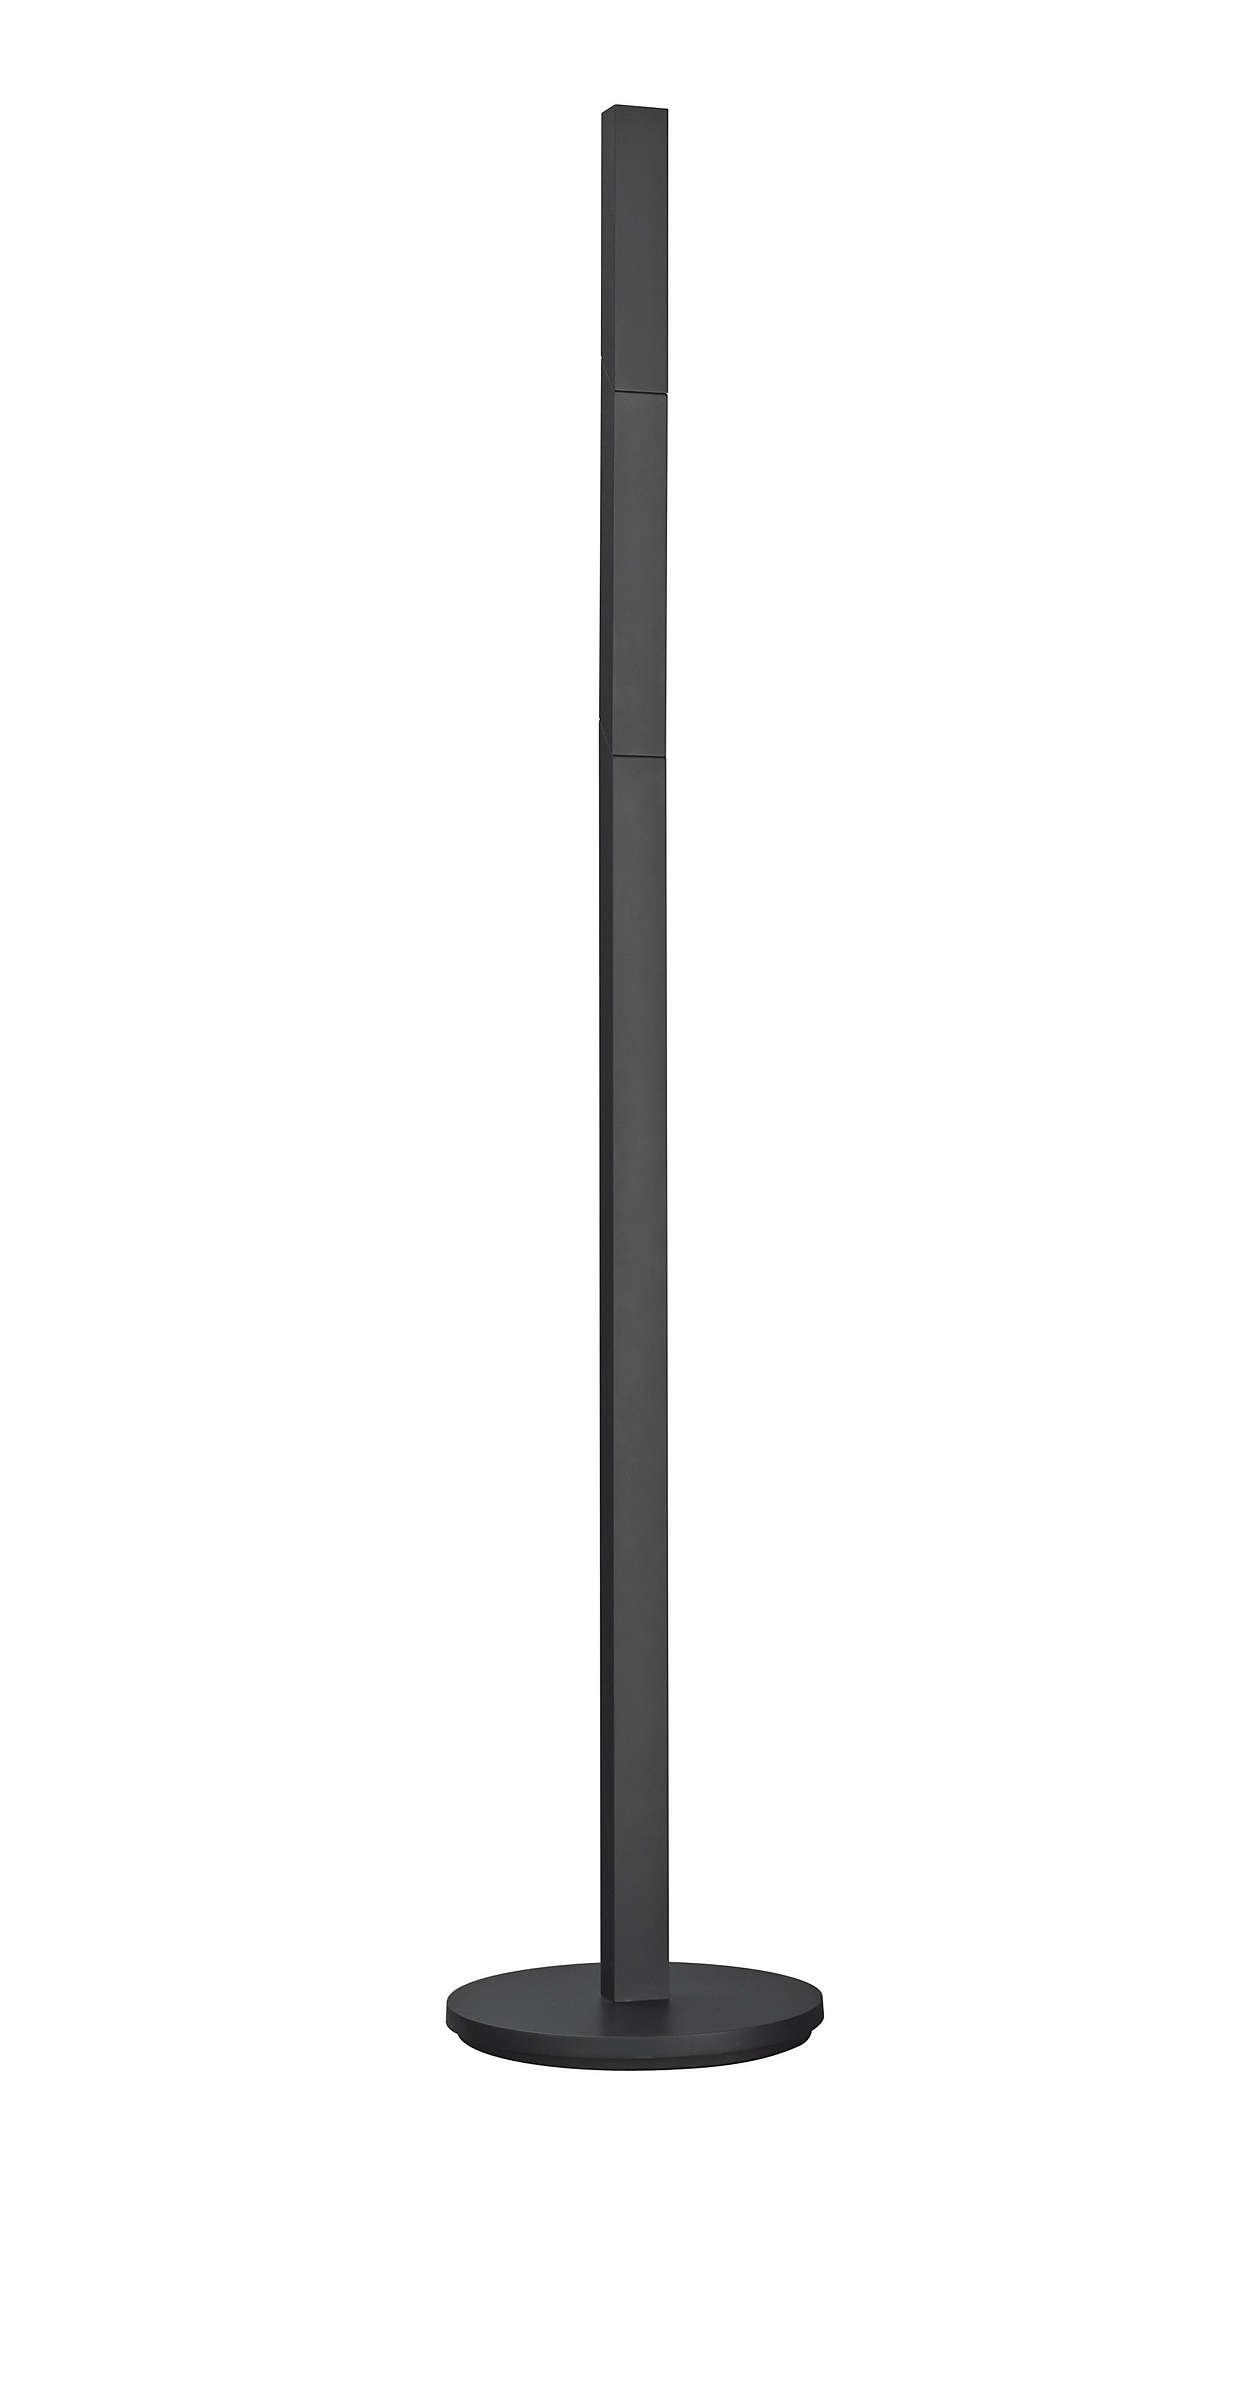 O que pode fazer com uma linha recta?